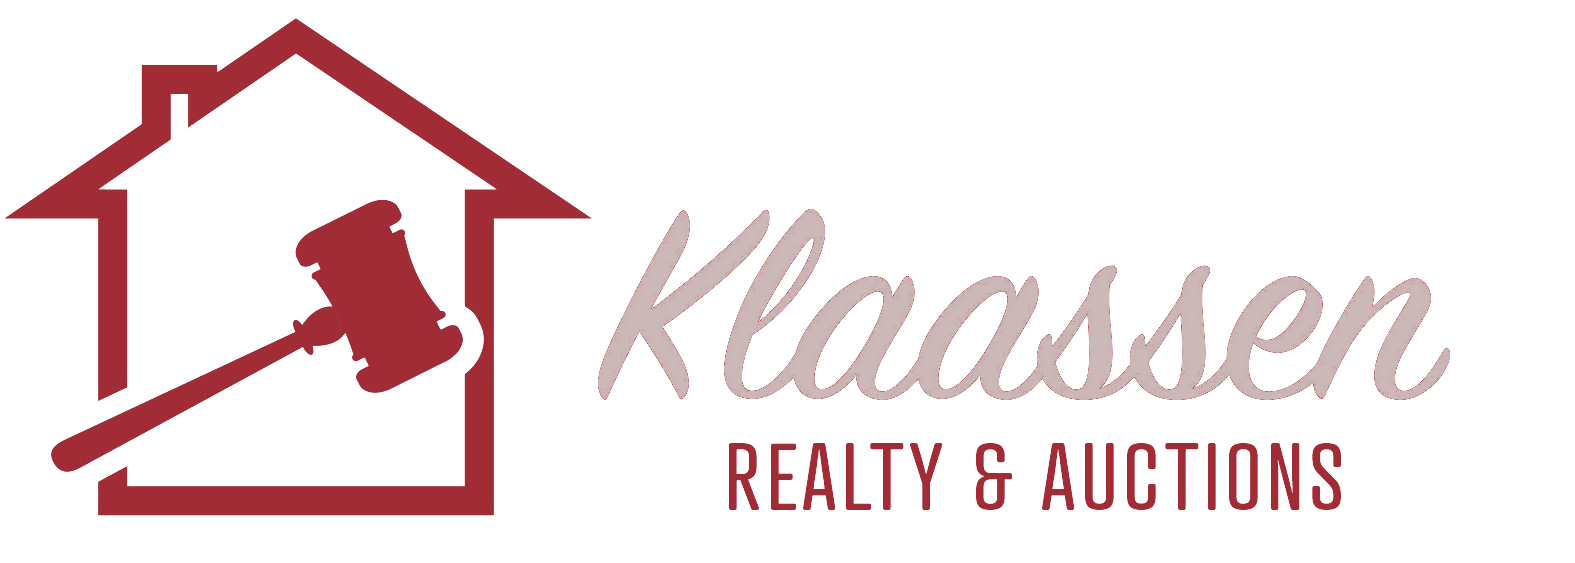 Klaassen Realty & Auctions